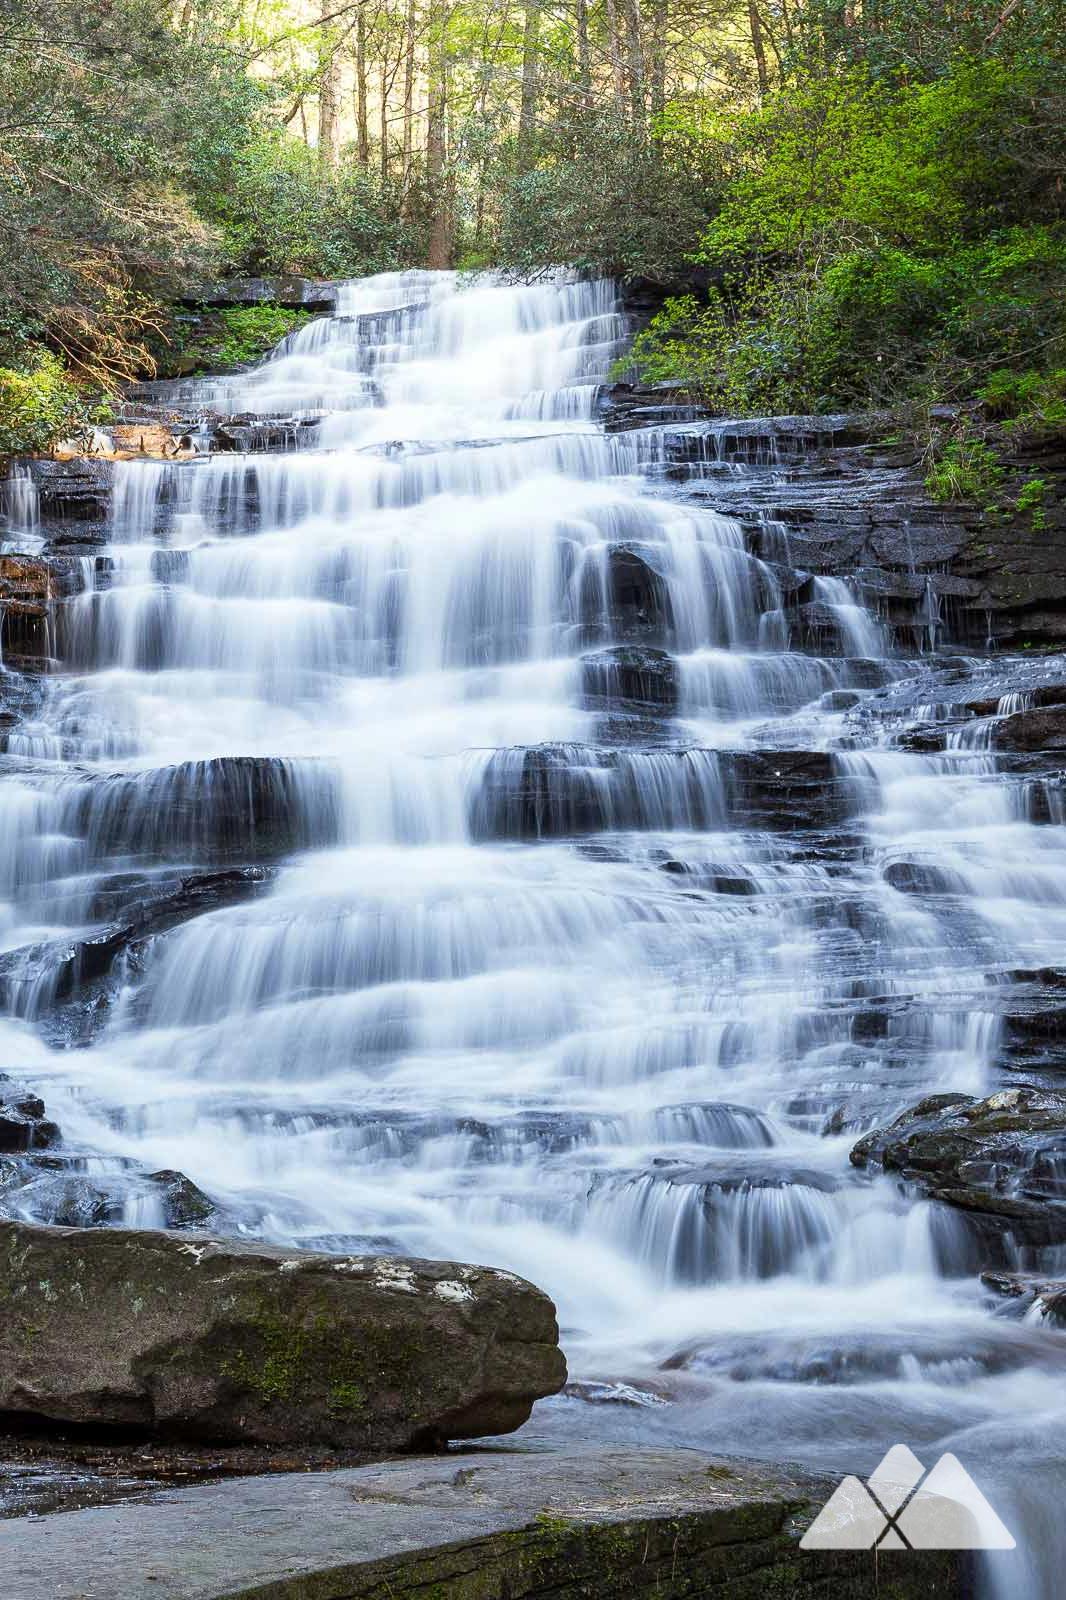 Parcourez un court sentier adapté aux enfants jusqu'à la magnifique cascade Minnehaha Falls, dans le nord de la Géorgie